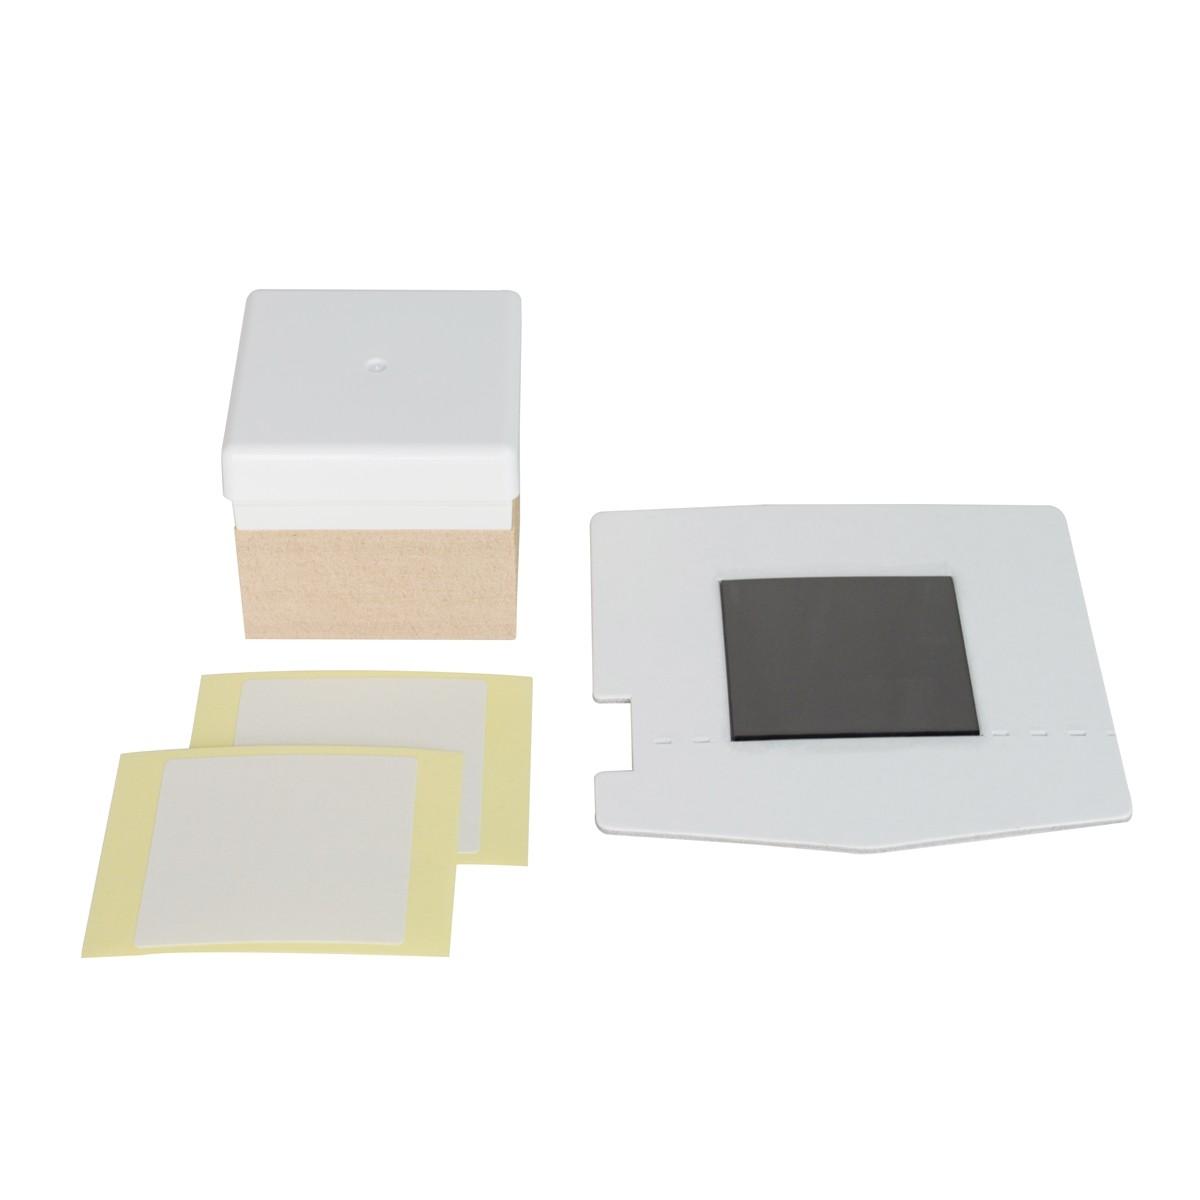 Kit Com Carimbeira 30x30mm Para Silhouette Mint